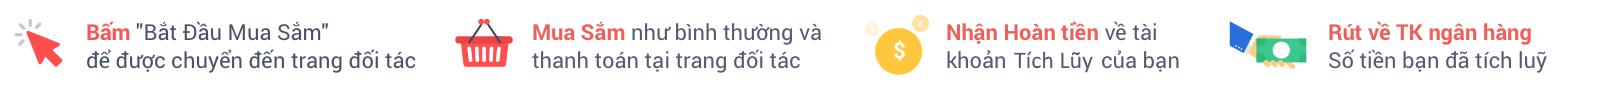 Dễ dàng nhận tiền hoàn lại từ Bảo Việt với Tích Lũy